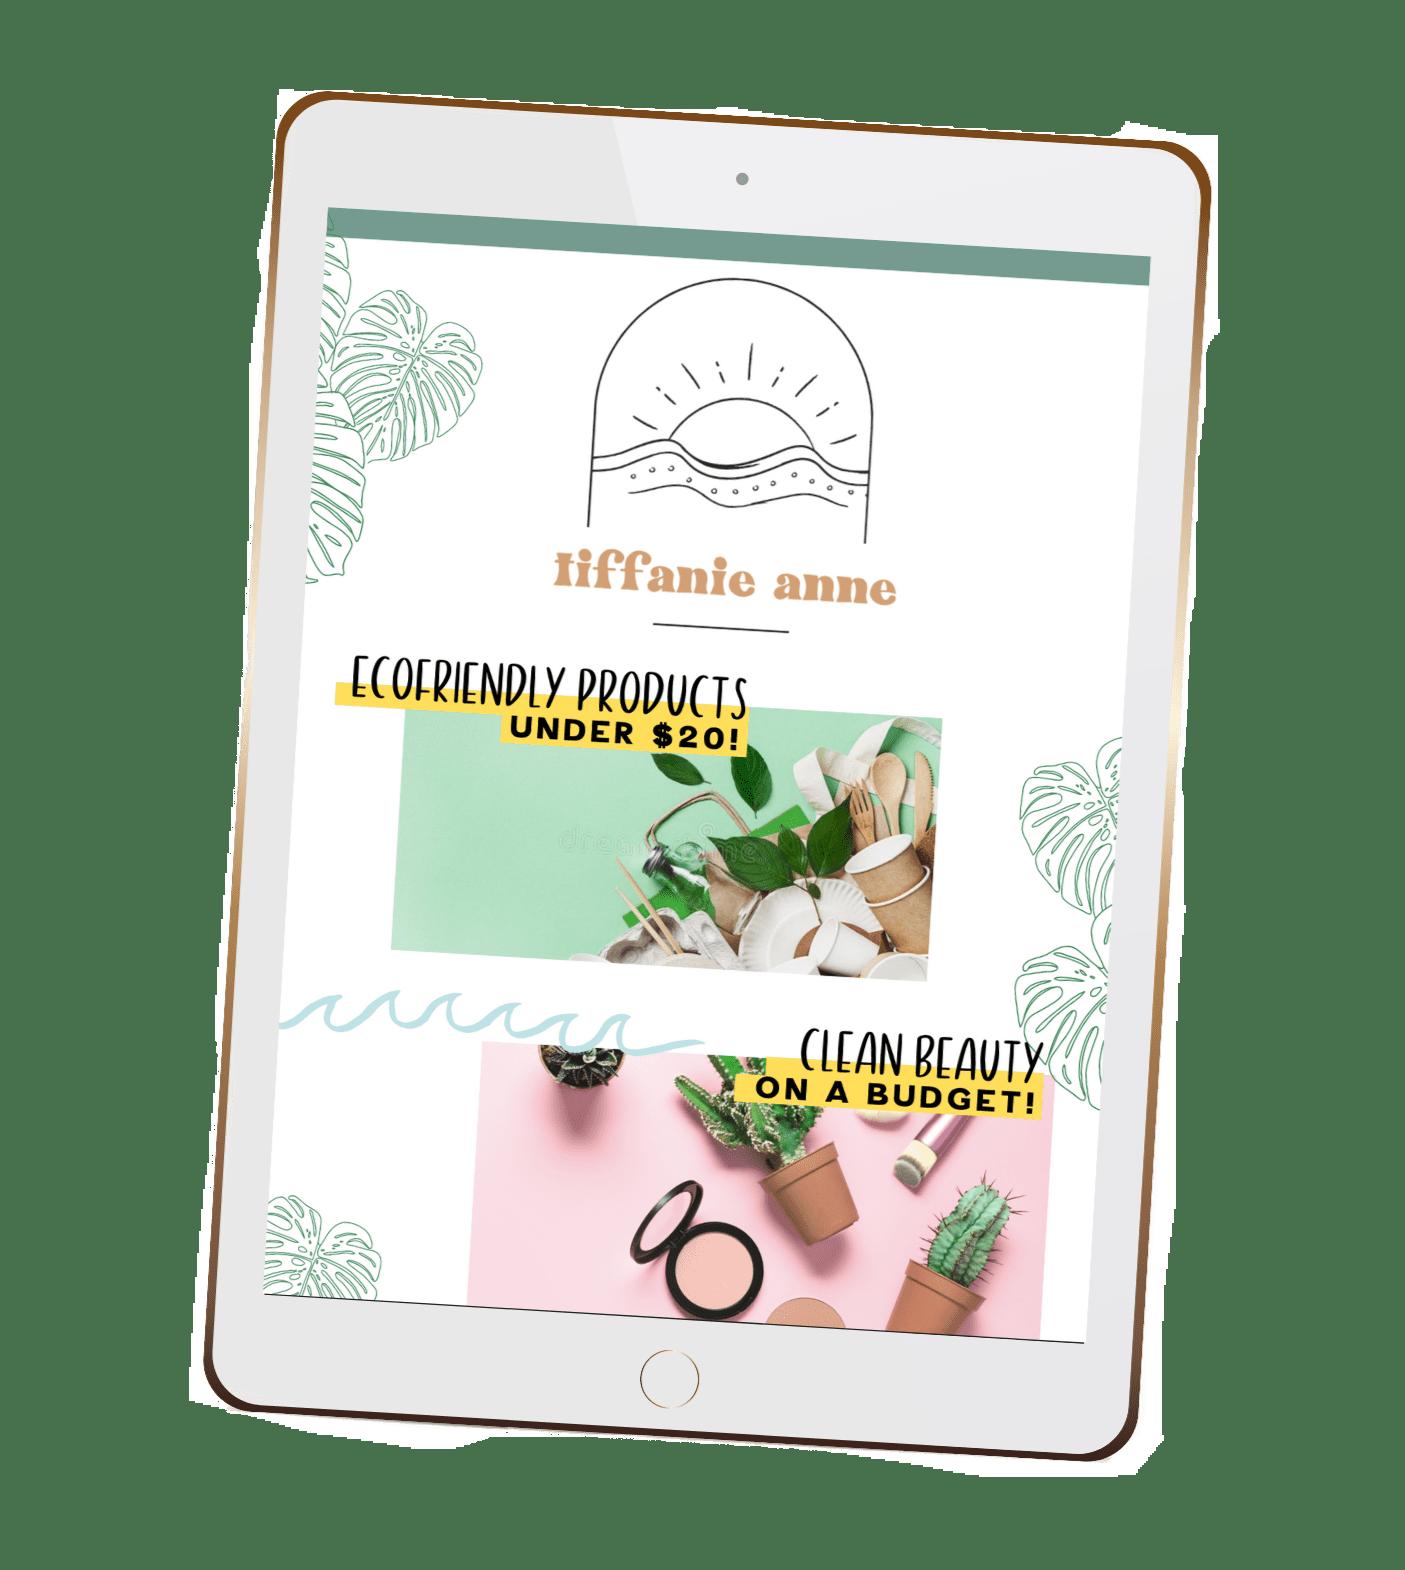 tiffanieanne.com newsletter png